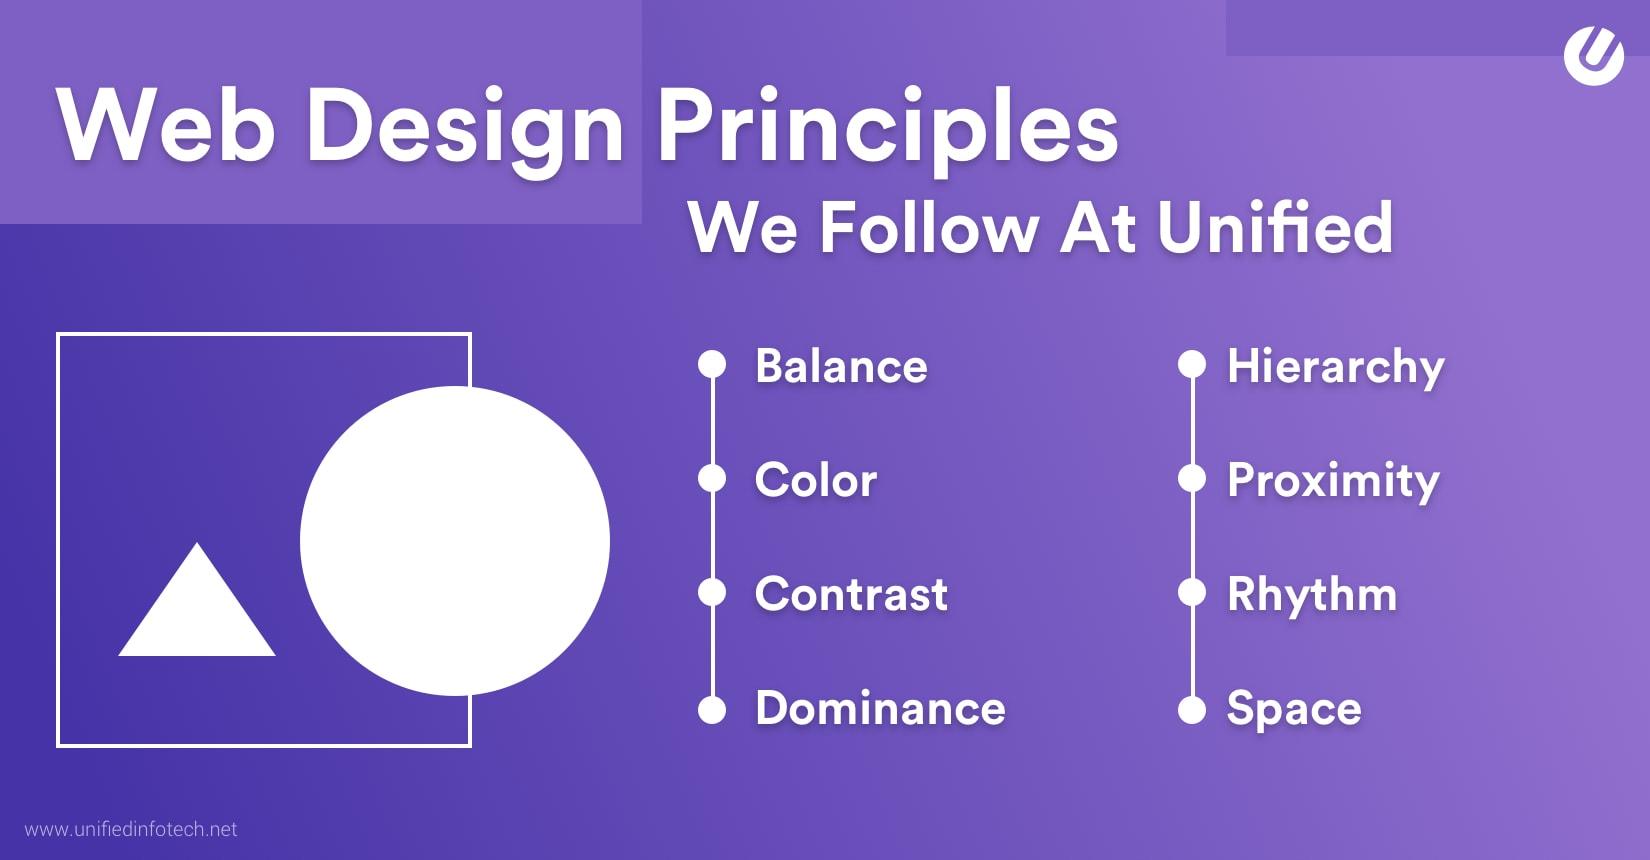 创建一个功能强大的网站,可以根据我们的网页设计原则进